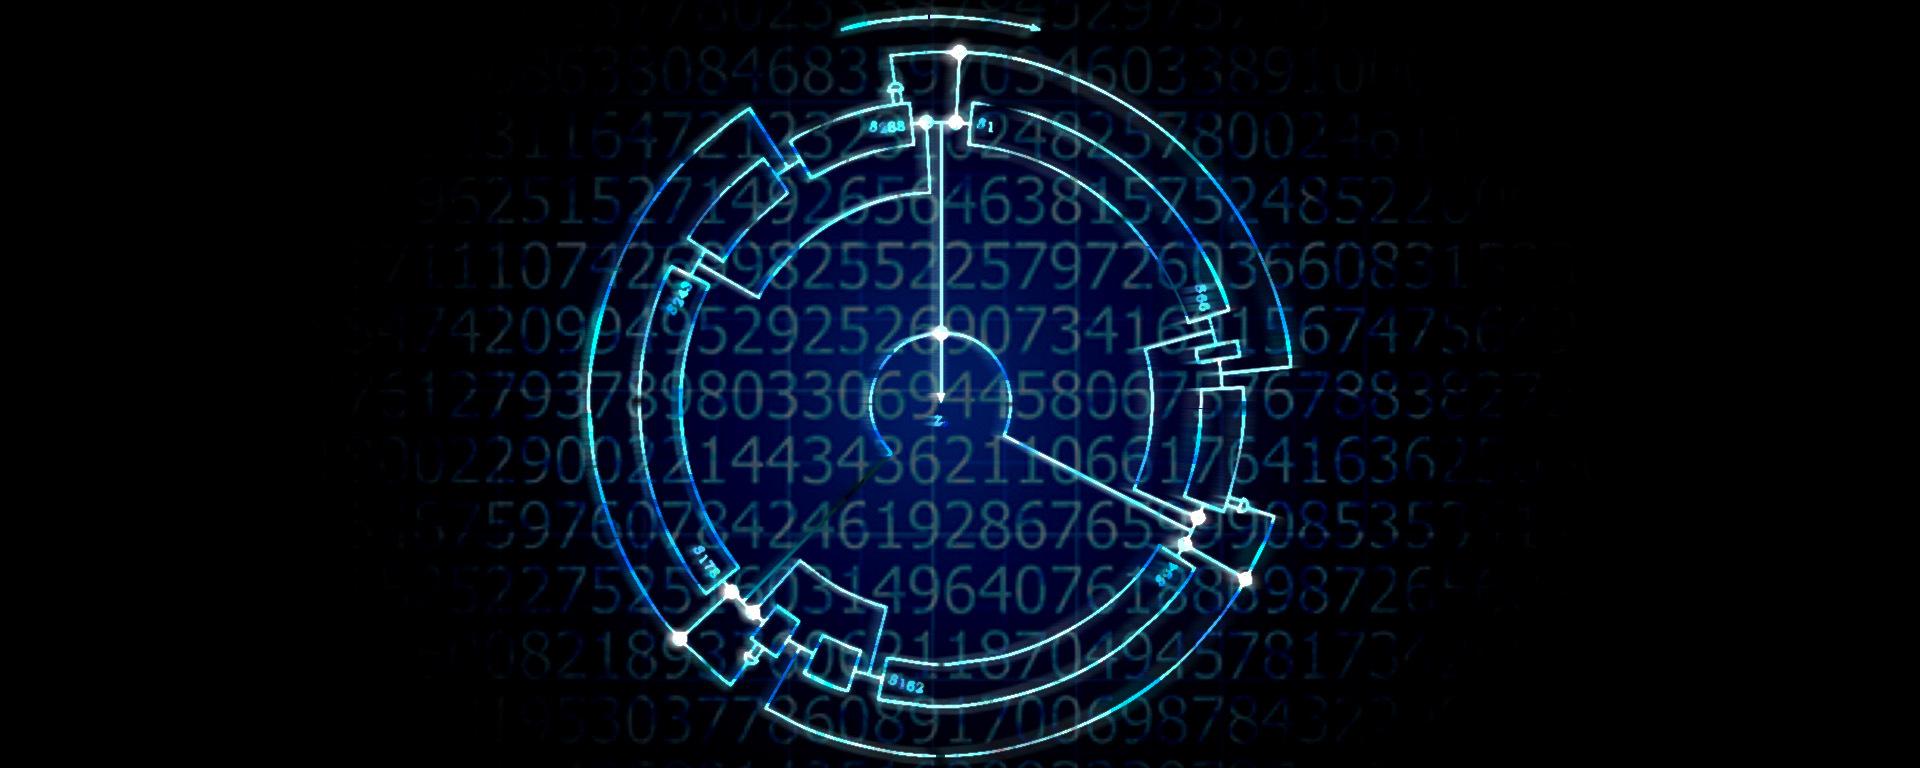 變動值RFID防偽技術